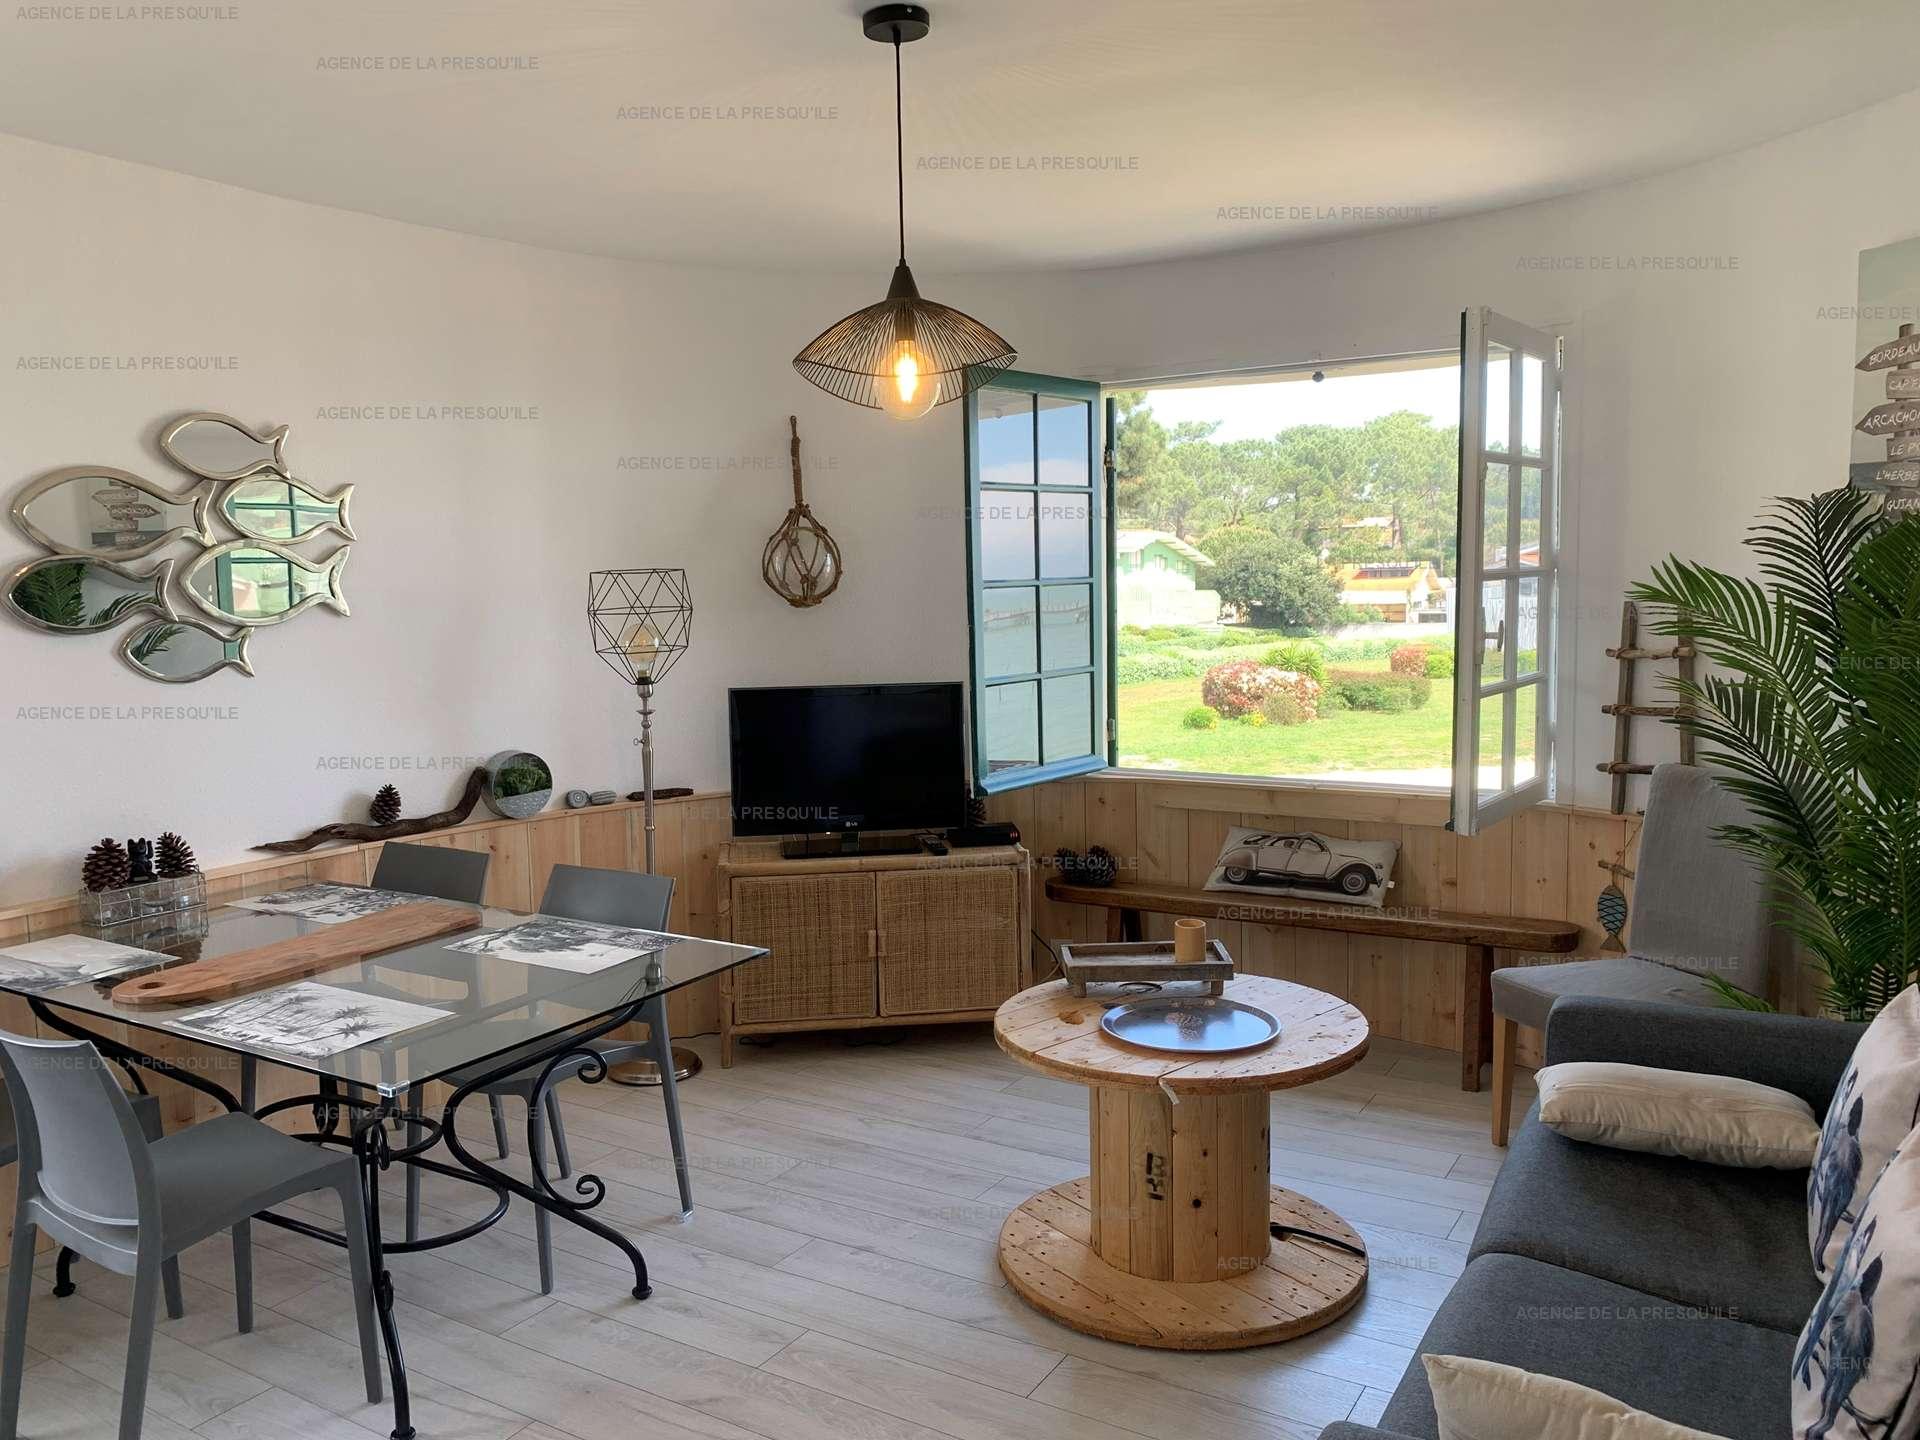 Location: Agréable appartement en plein cœur du cap-ferret 3